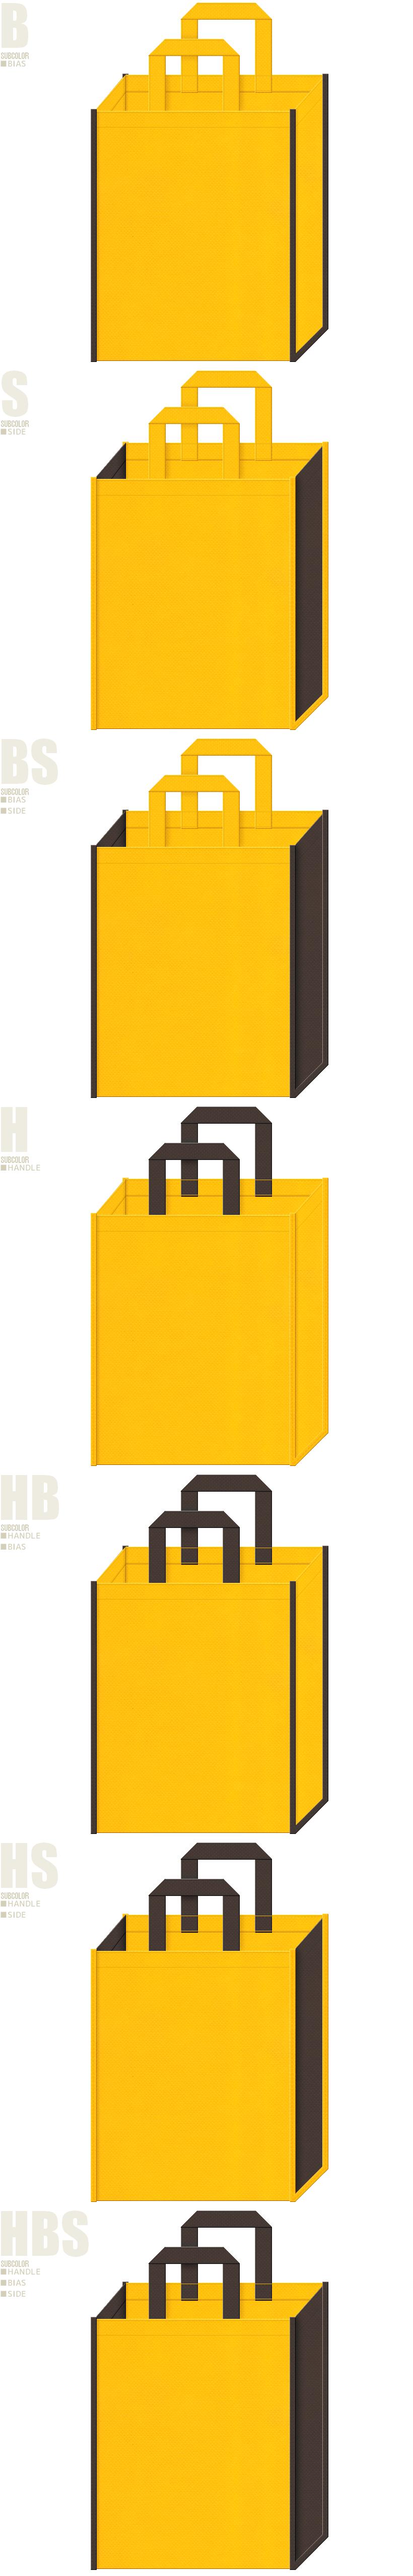 カステラ・スイーツ・キャンプ・アウトドアの不織布バッグにお奨めのデザイン:黄色とこげ茶色の不織布配色7パターン。